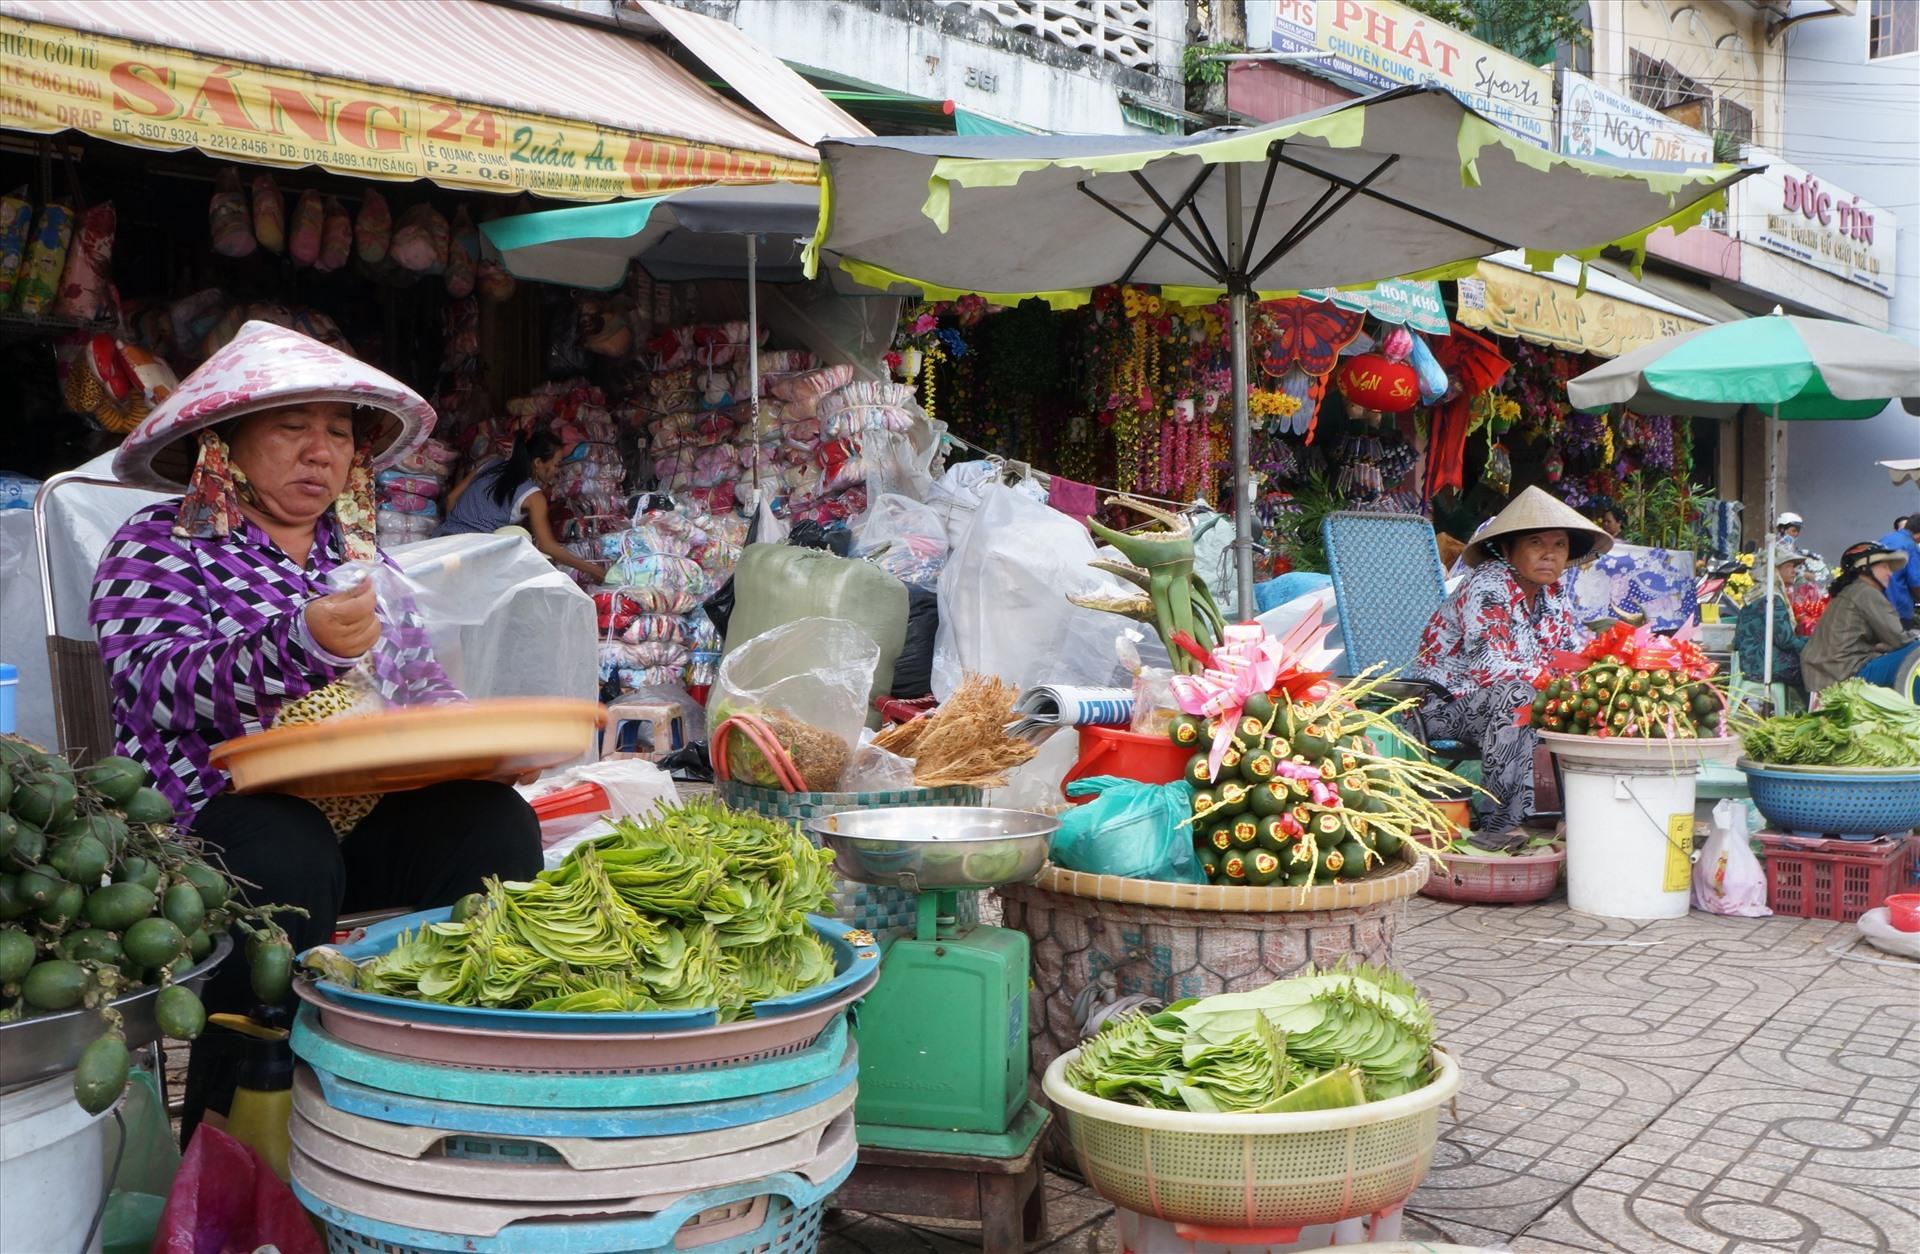 Khu vực kinh doanh trầu cau trên đường Lê Quang Sung – đoạn gần bến xe Chợ Lớn (quận 5, TPHCM).